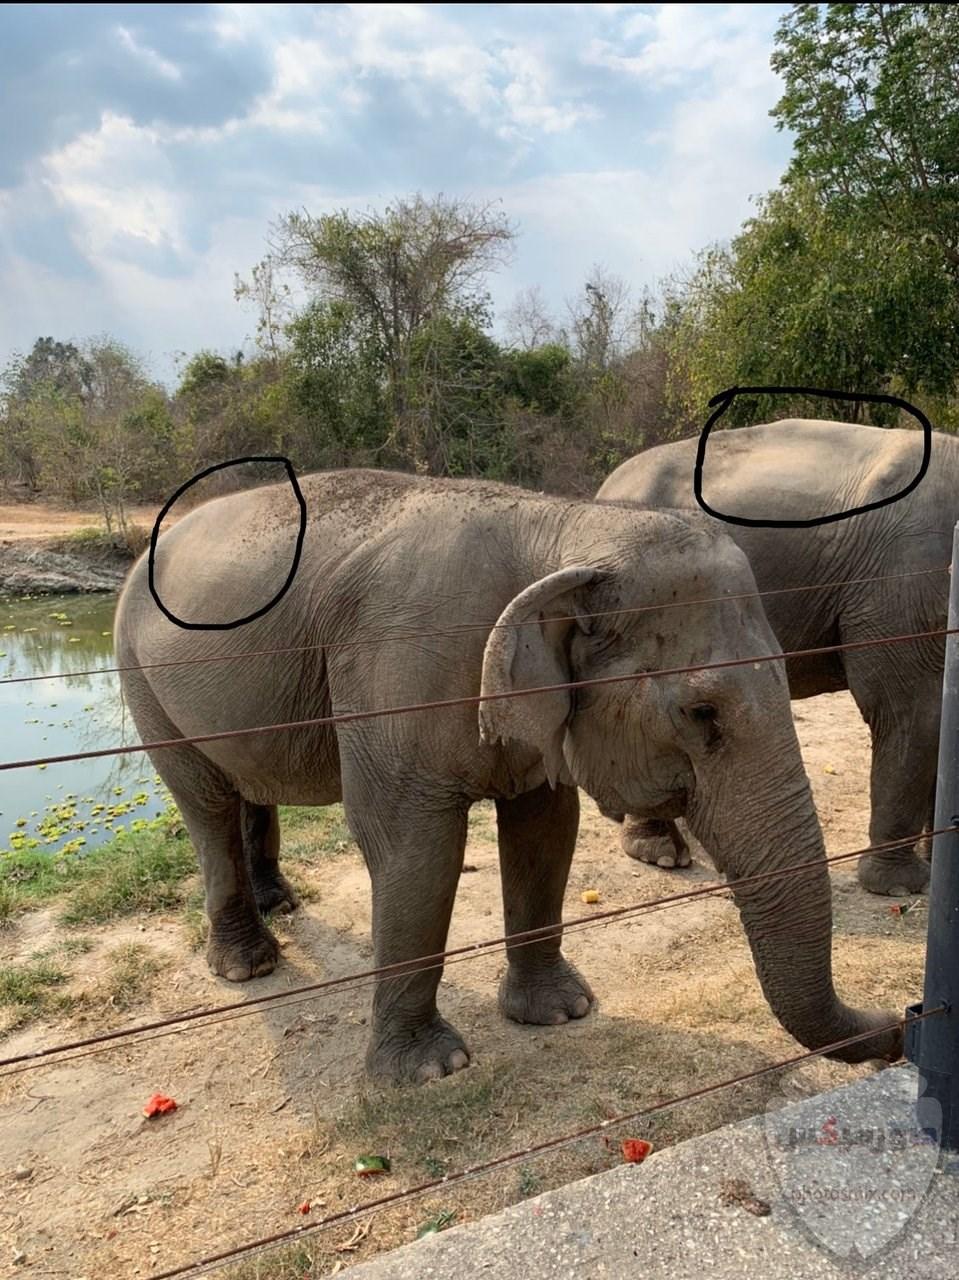 صور وخلفيات الفيل ومعلومات كاملة عن الفيل 27 1